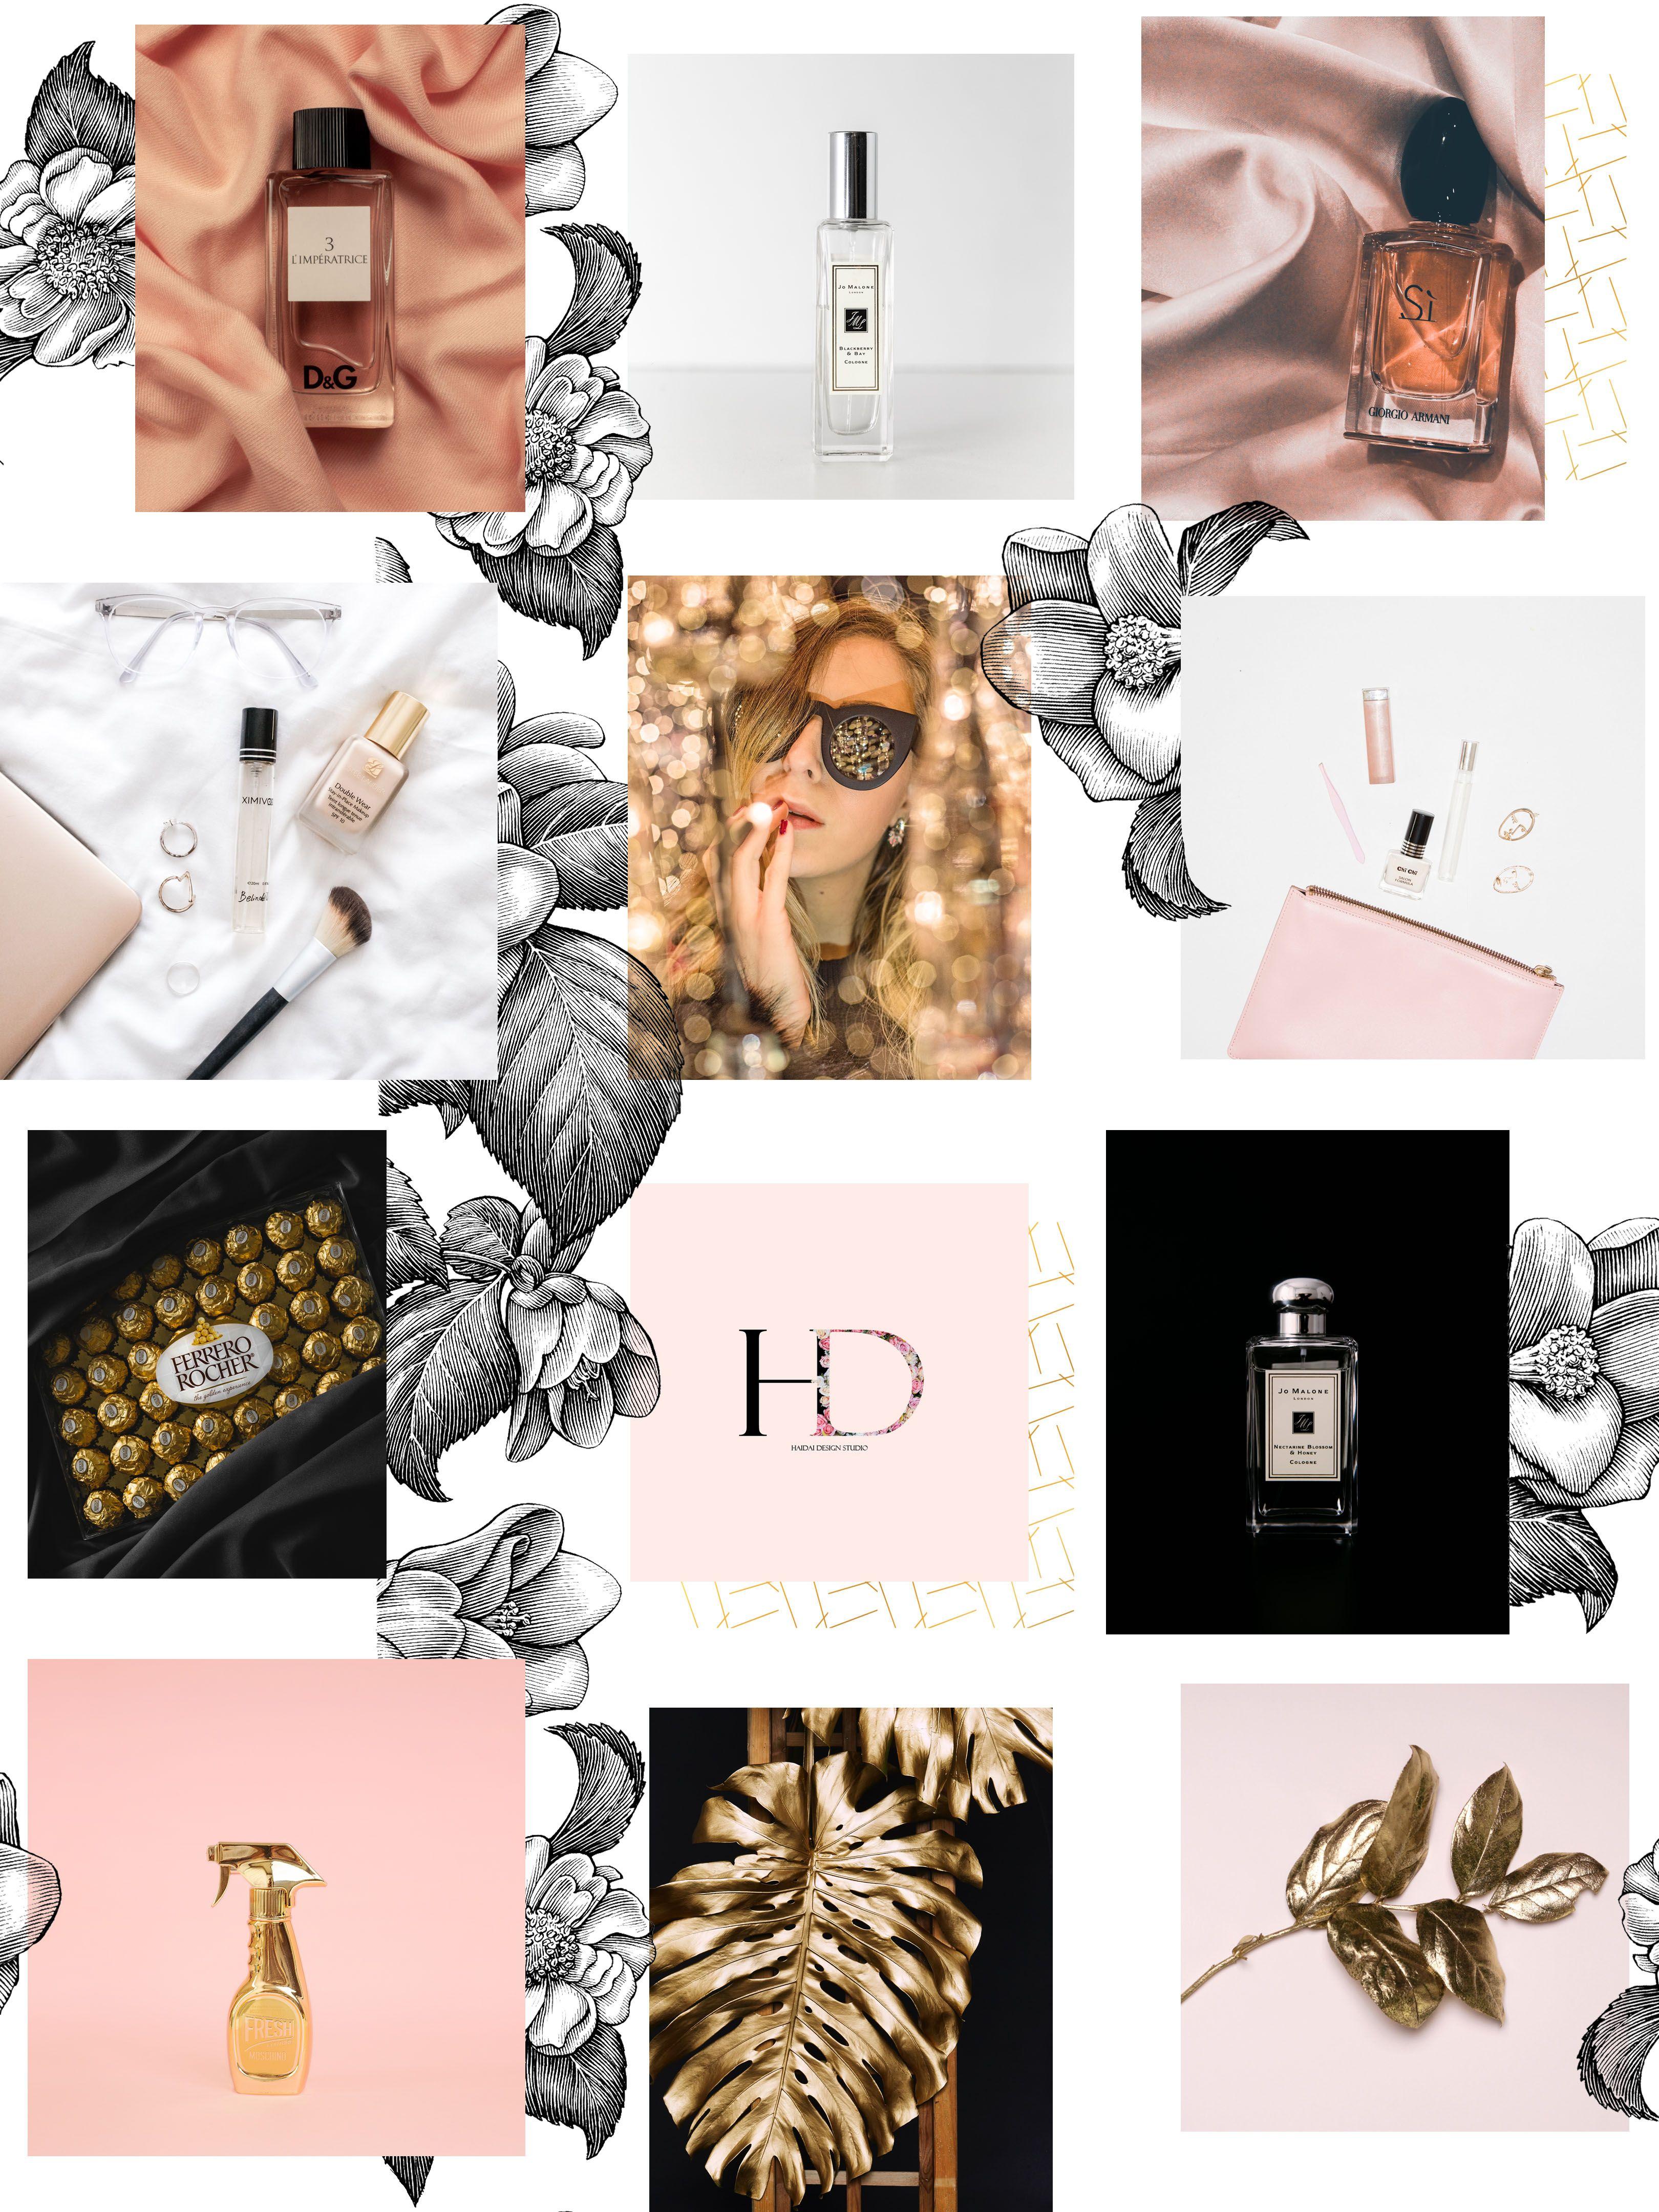 Beskonechnyj Dizajn Dlya Instagram Shablony Dlya Foto Dizajn Dlya Profilya Instagram Instagram Dizajn Dlya Firmennogo Stilya Dizajn Firmennogo Stilya